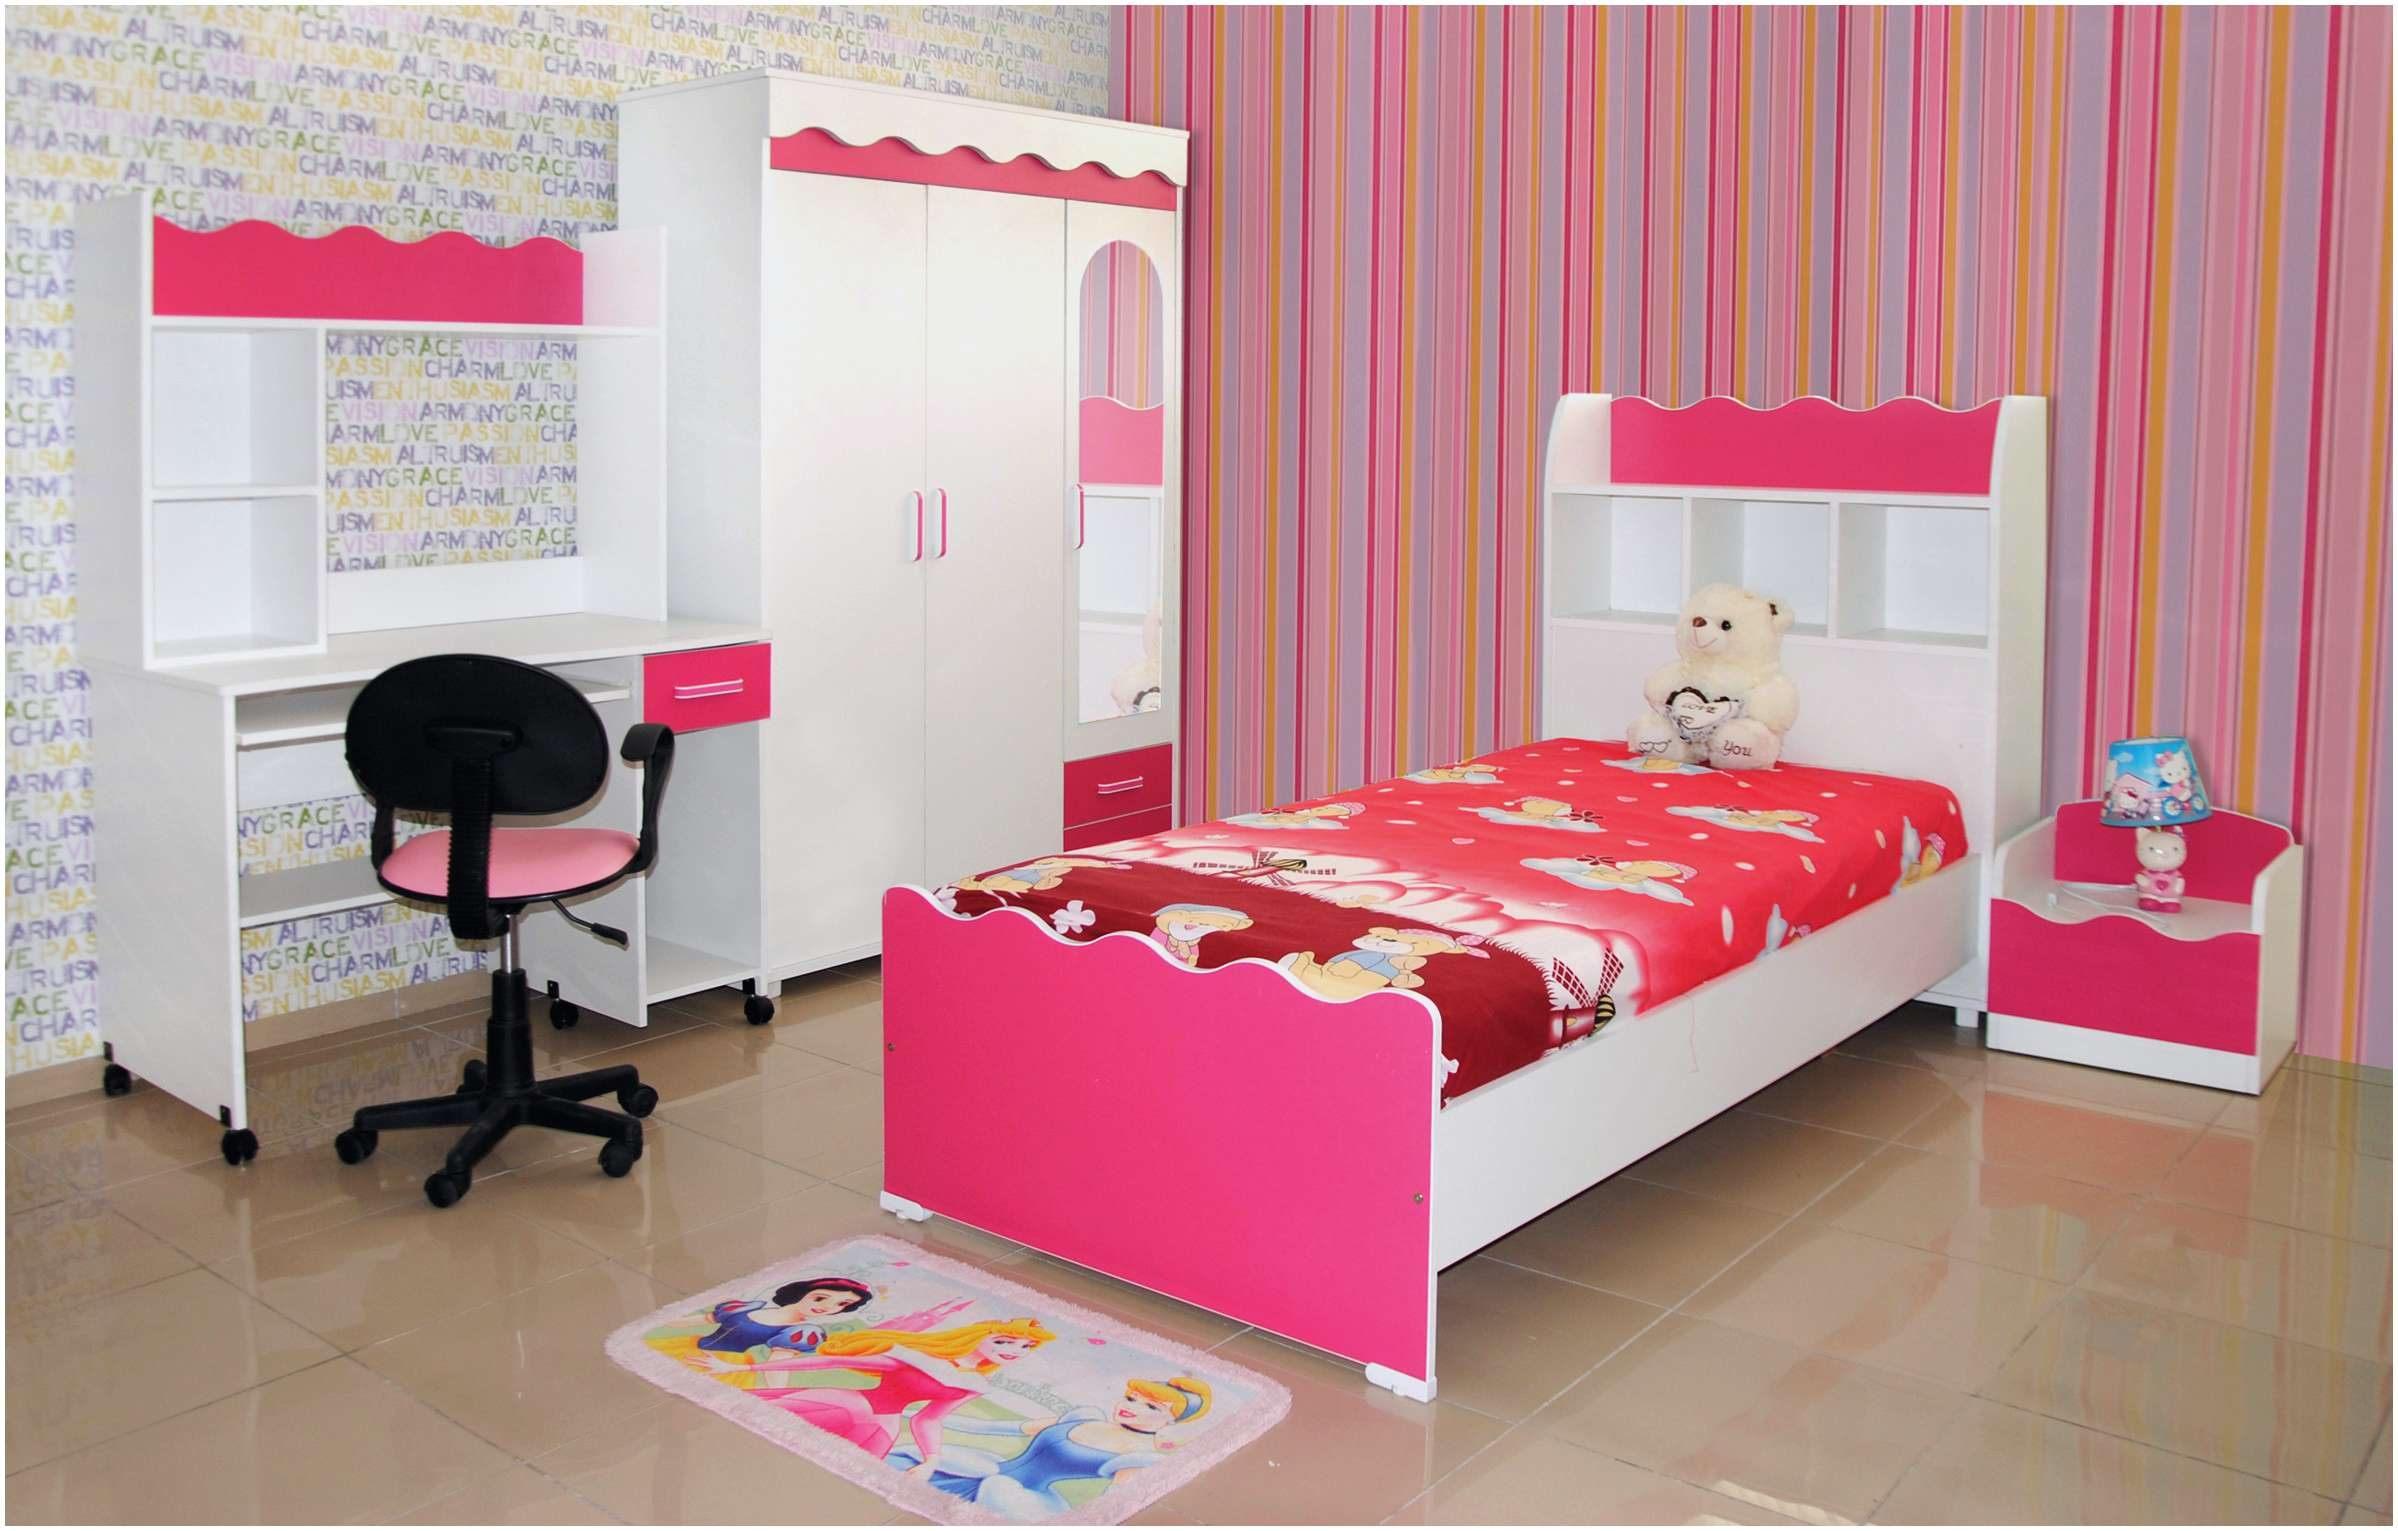 Lit Enfant Maison Du Monde Impressionnant Beau Tapis sous Lit Nouveau Chambre A Coucher Enfant Impressionnant